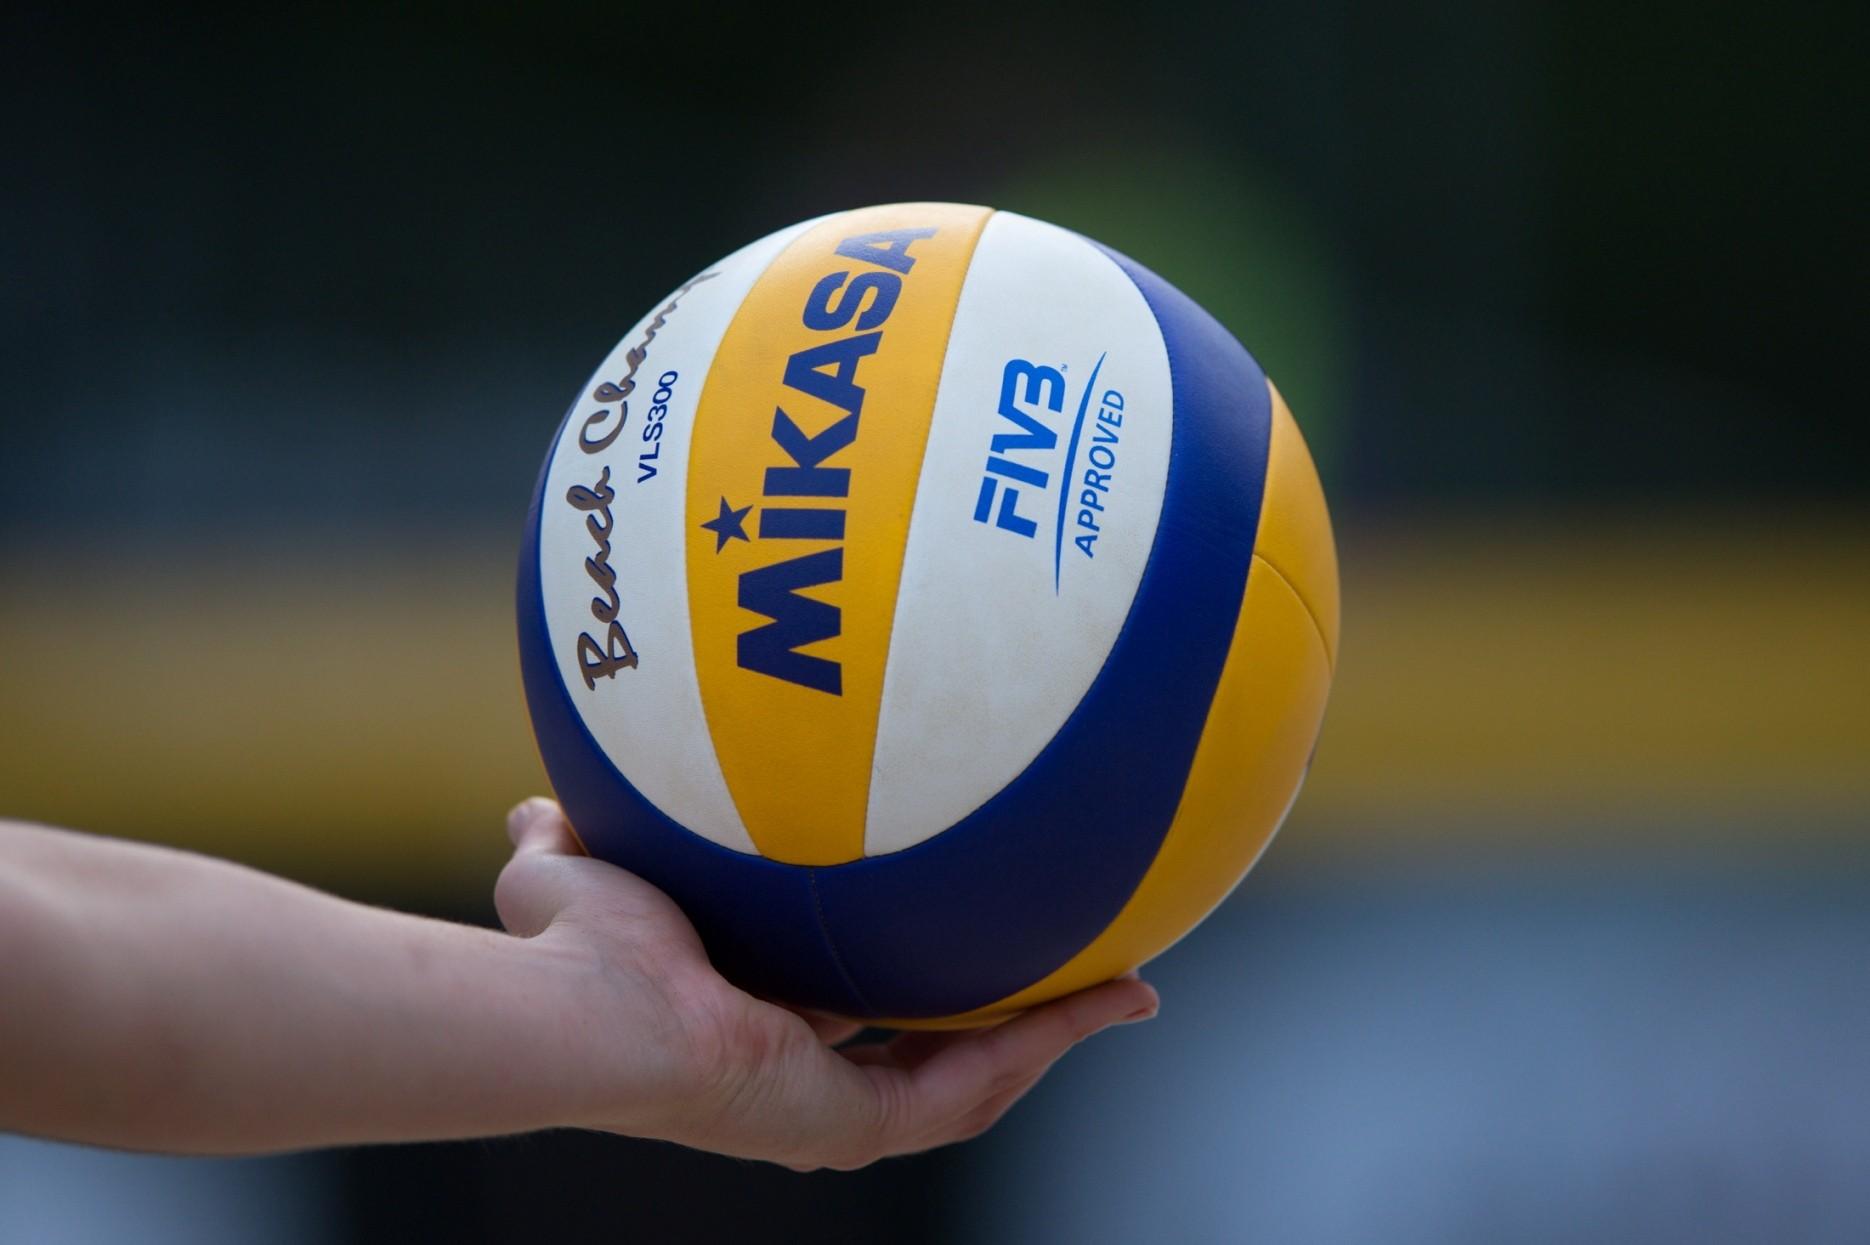 В Казани завтра стартует ЧЕ по волейболу среди женщин-полицейских